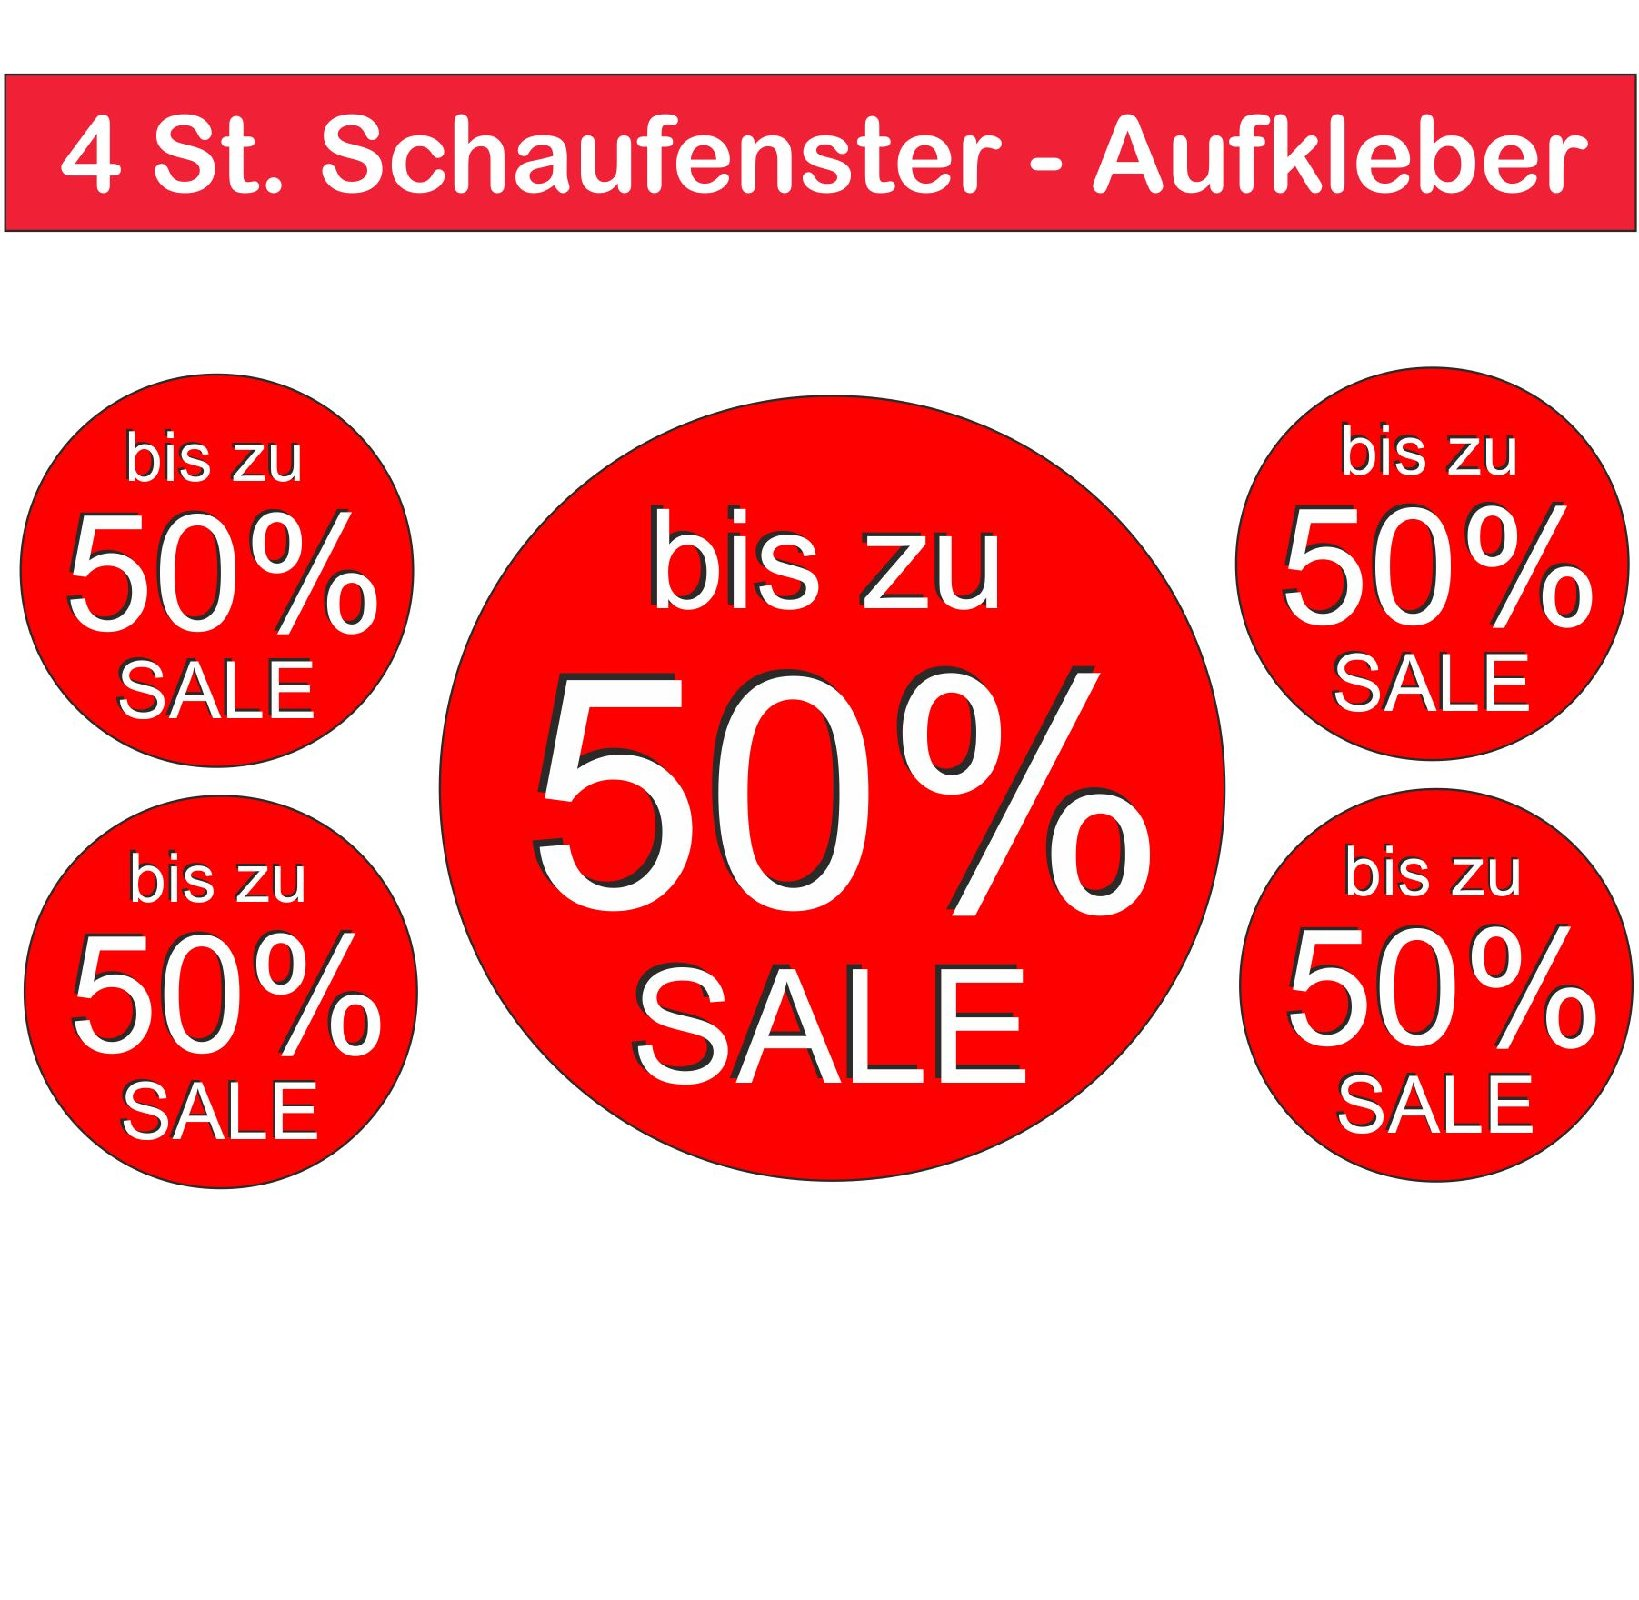 3a5fecc95979d3 Räumungsverkauf 50% SALE Aufkleber 4 St.Außen Schaufenster Prozent  Digitaldruck